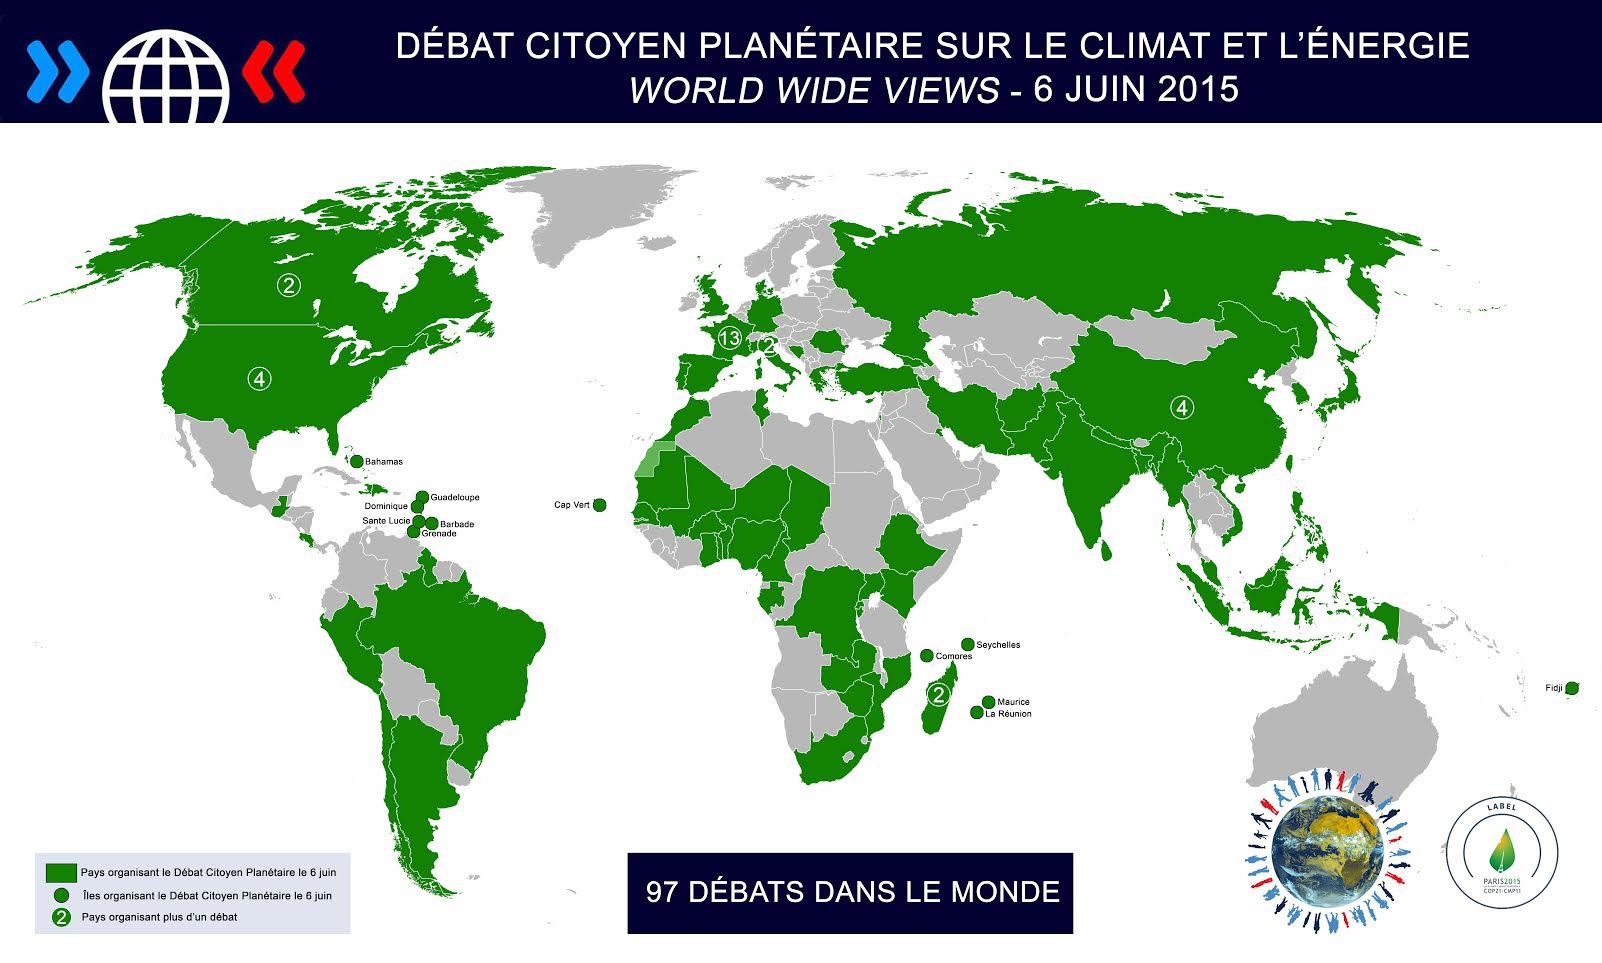 3.Carte-du-monde-des-pays-participants